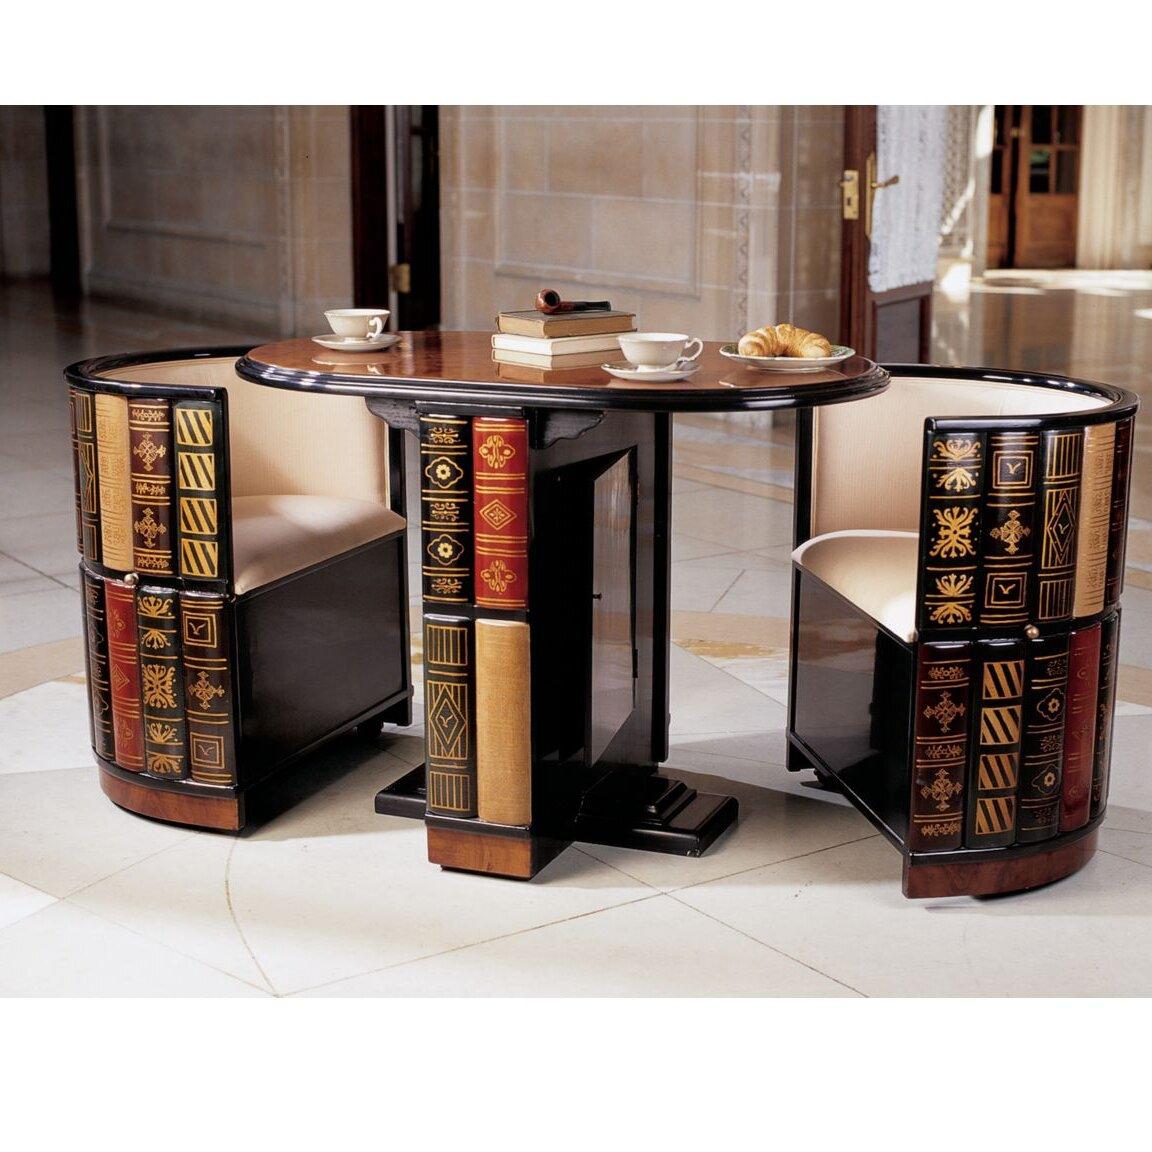 3 Piece Dining Room Set: Design Toscano 3 Piece Dining Set & Reviews